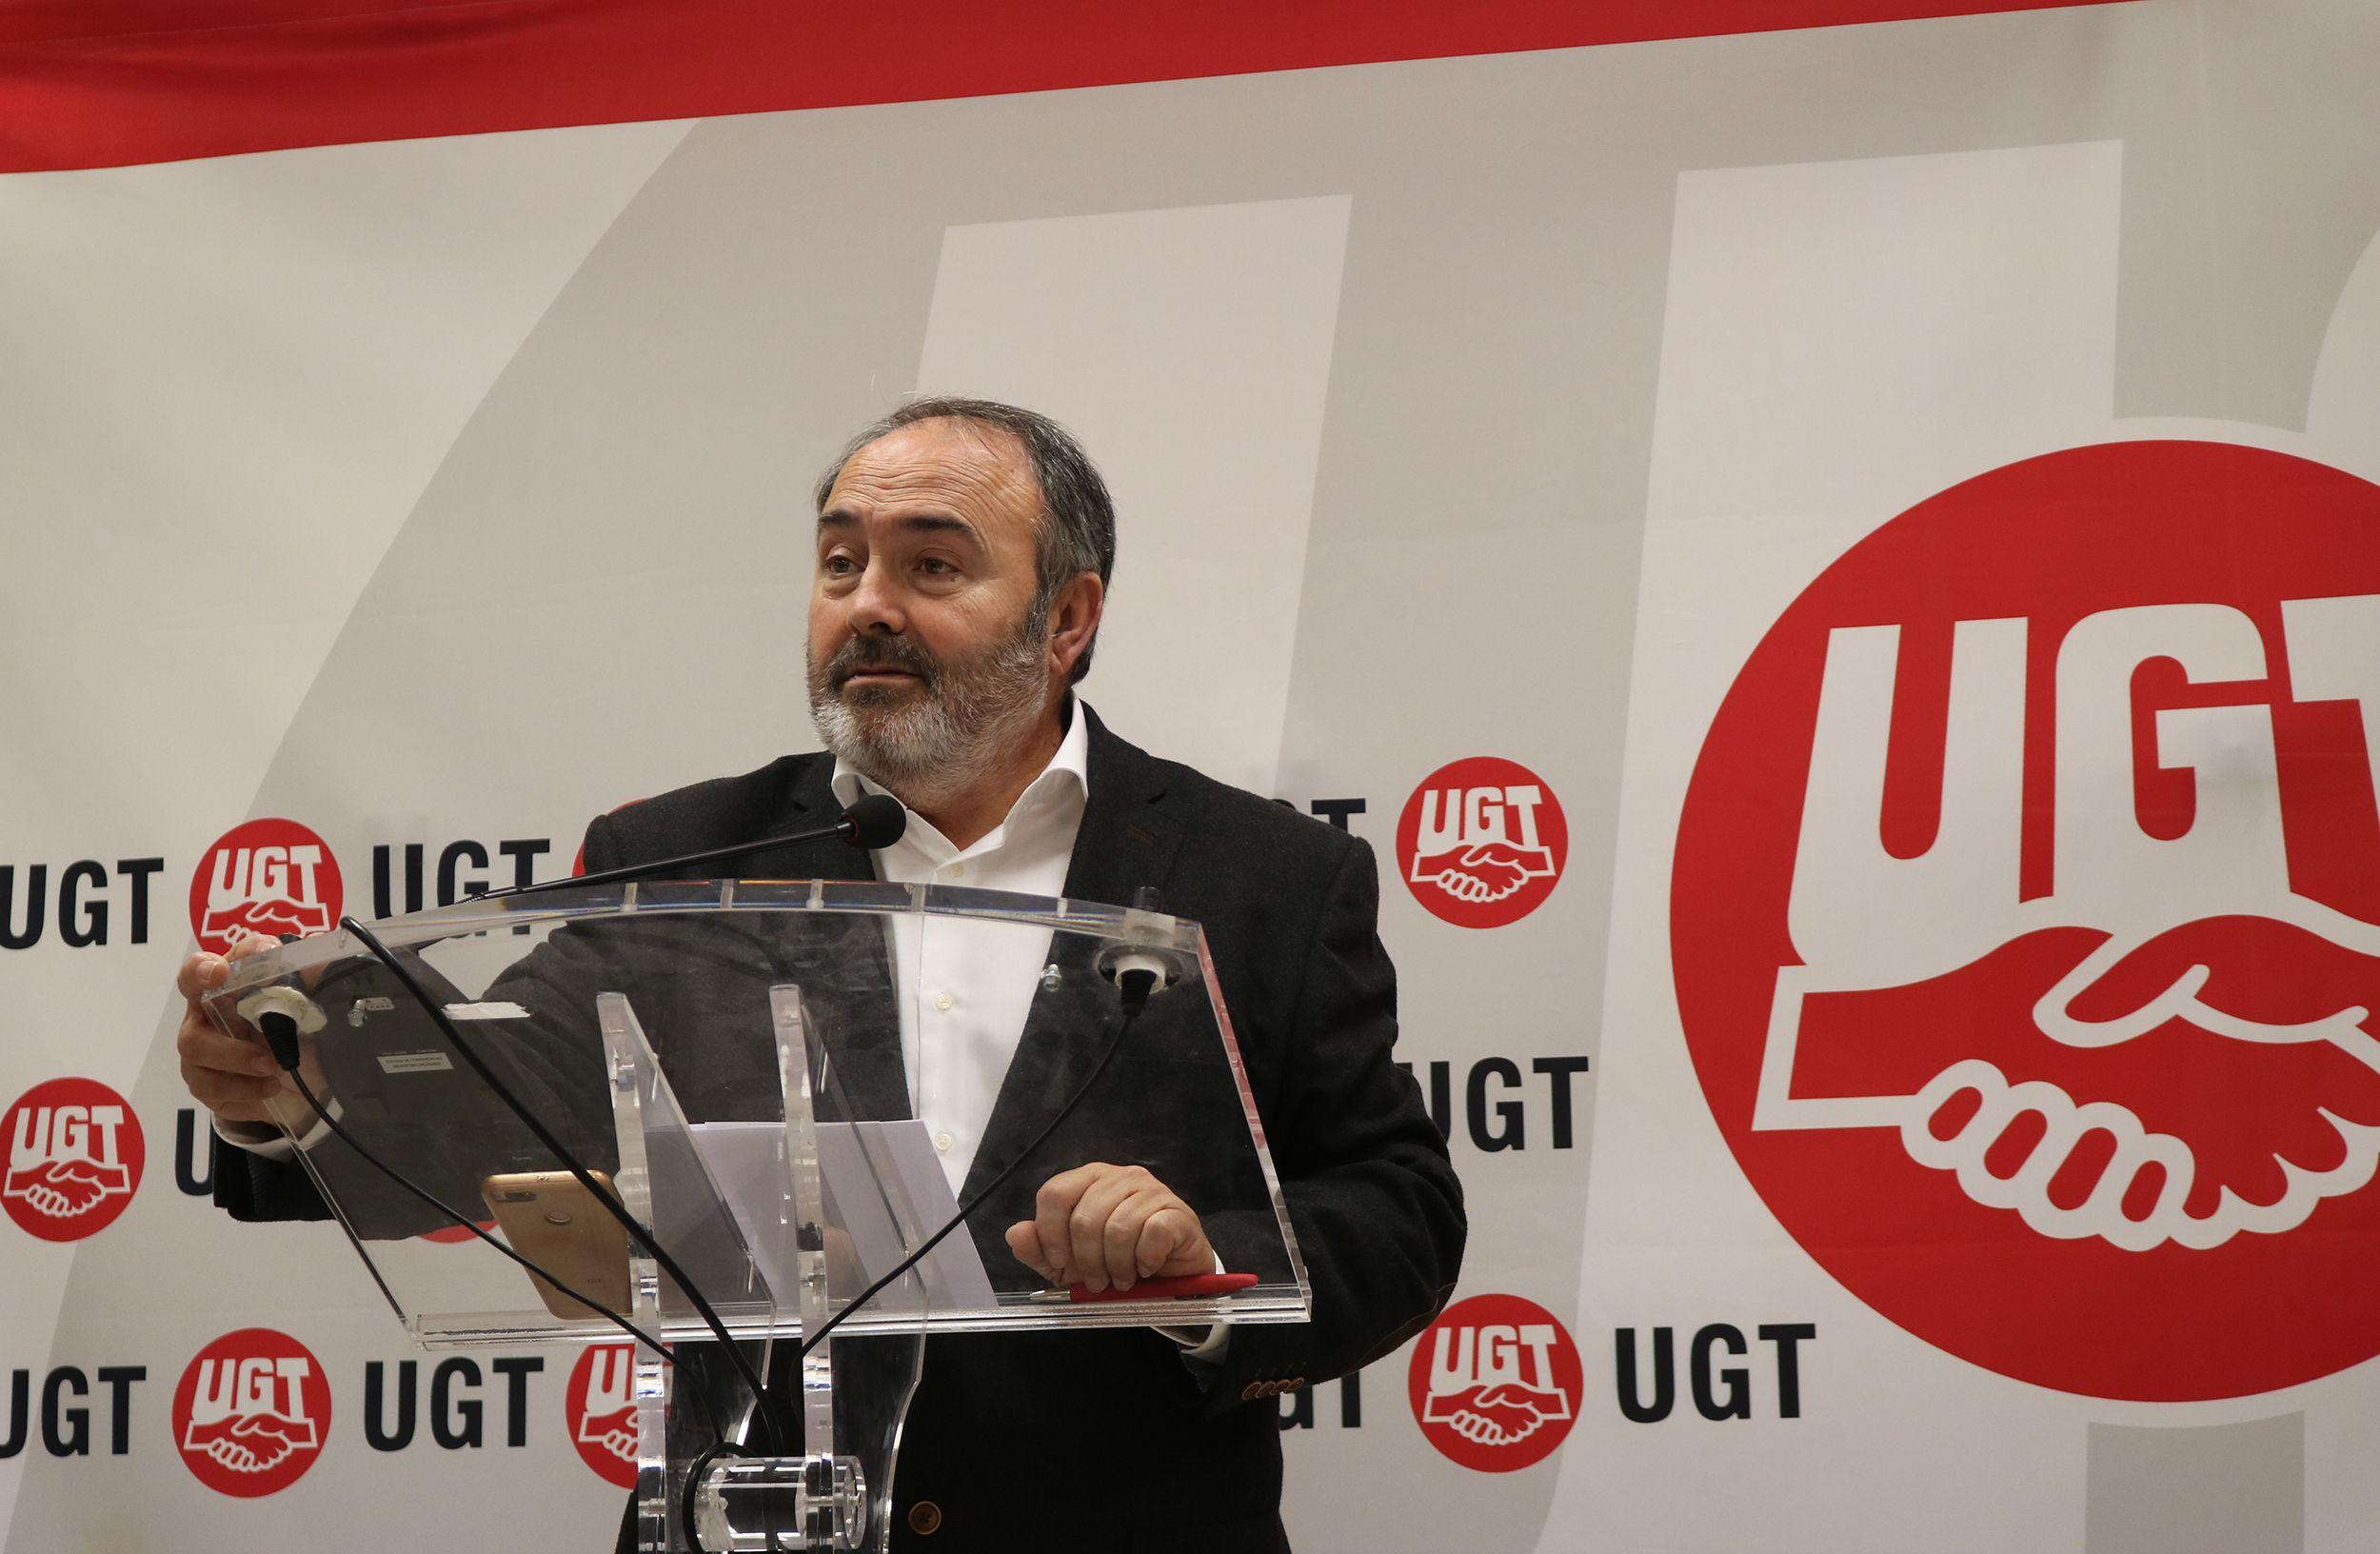 Pedrosa dimite de la secretaría general agradeciendo lo que UGT y sus trabajadores le han aportado en 17 años de mandato